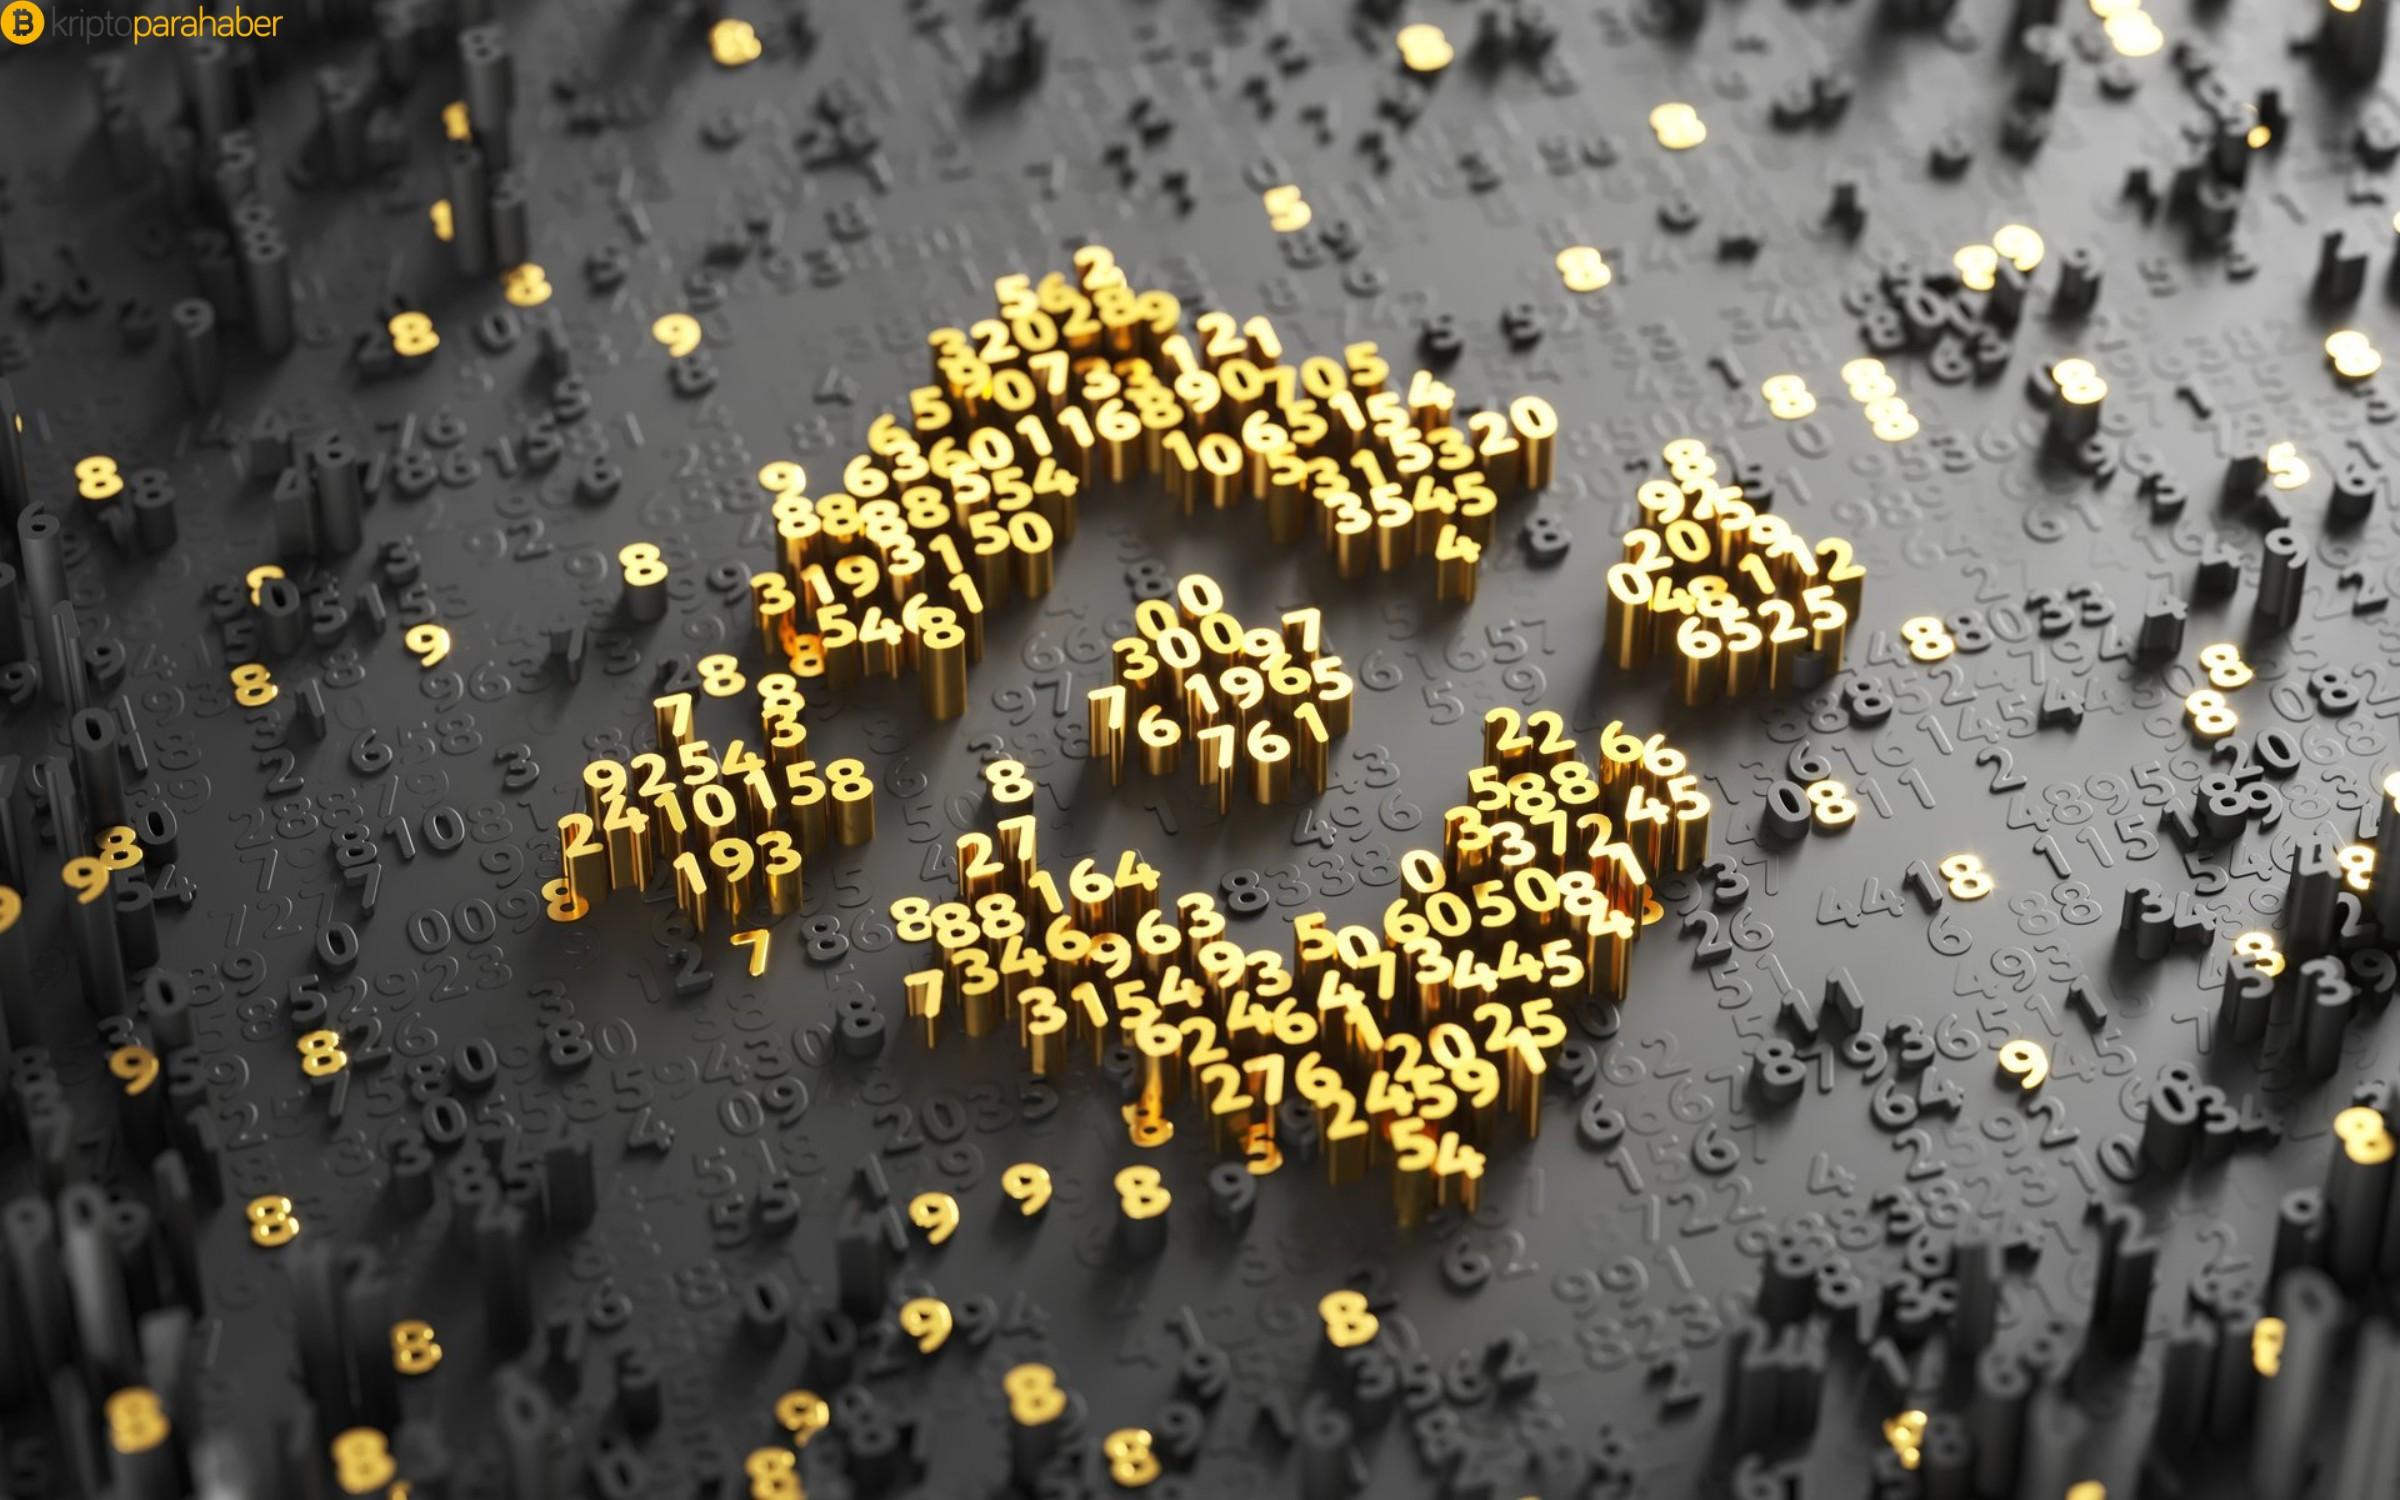 Bu ay yüzde 230 artan DeFi tokeni Binance'te listelendi!